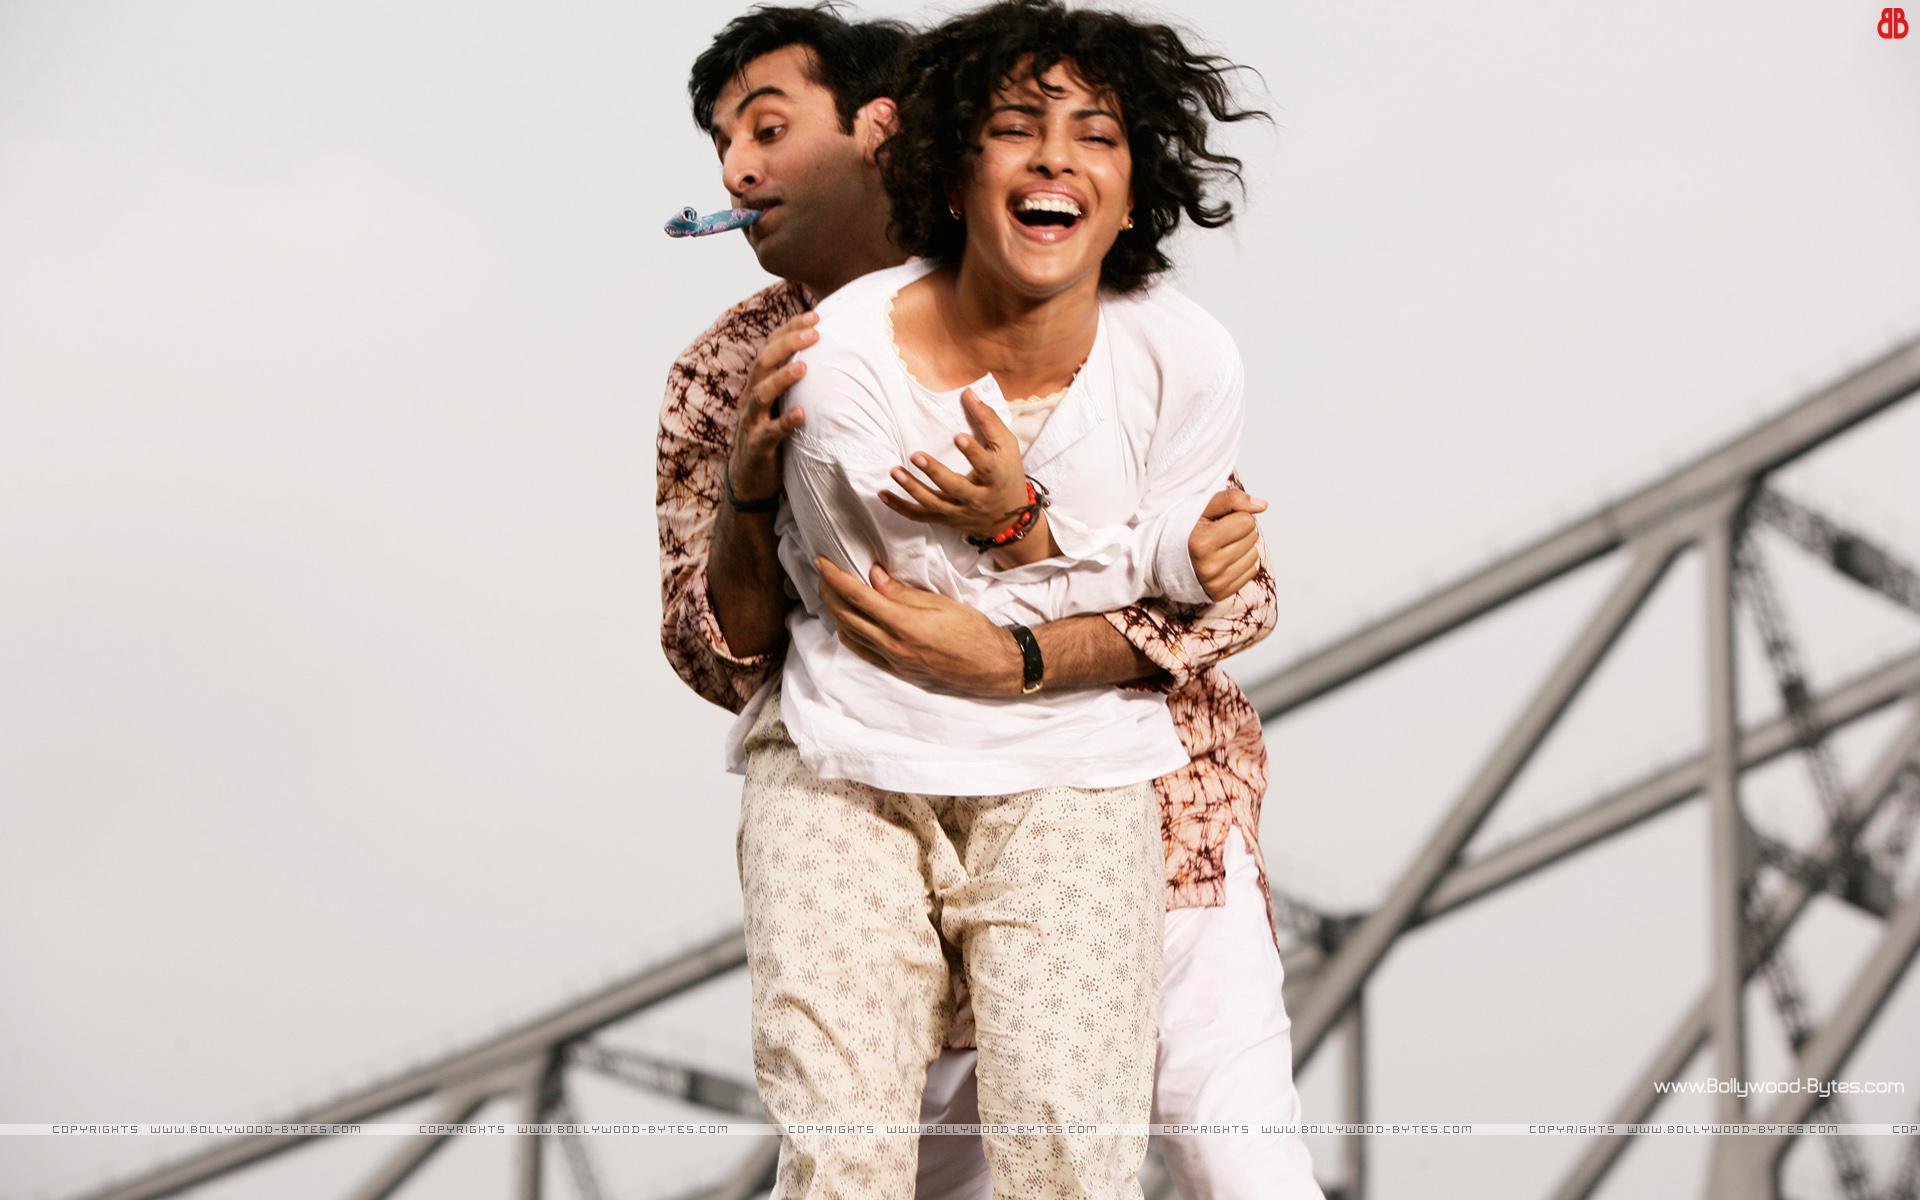 http://1.bp.blogspot.com/-ThOcpEPBGMI/UFDspt3o58I/AAAAAAAAO8Y/ldlMhXG2JOI/s1920/Barfi!-+Starring-Hot-Ranbir-Kapoor-Priyanka-Chopra-HD-Wallpaper-06.jpg